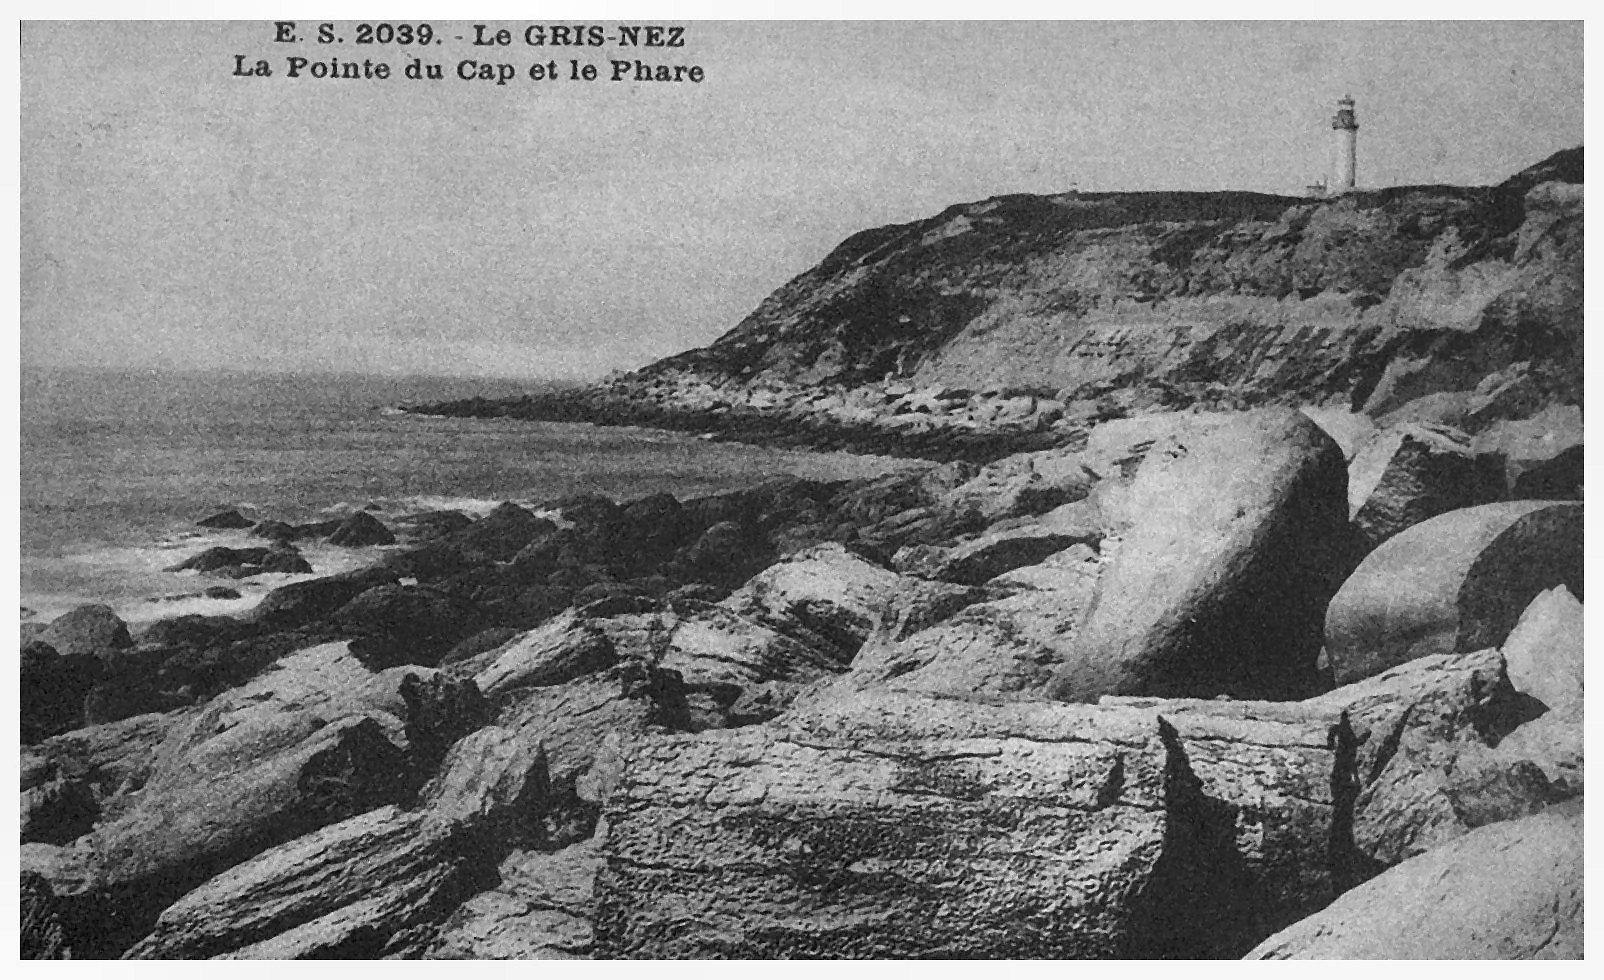 Cap Gris Nez - la Pointe du Cap et le phare